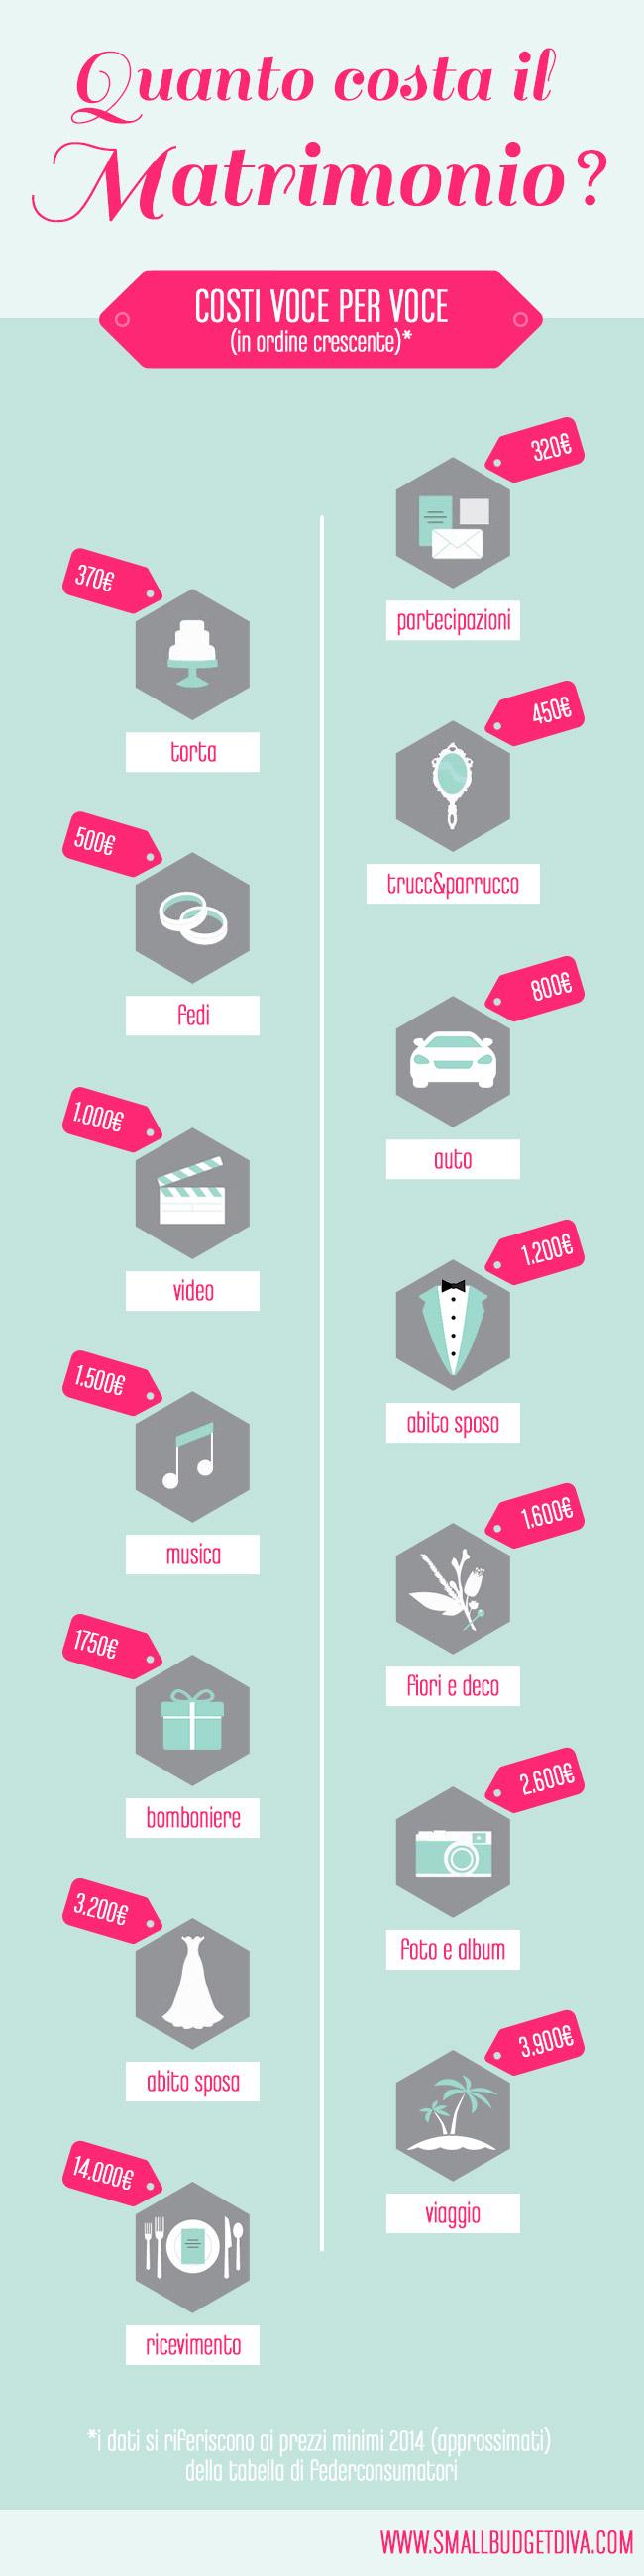 quanto-costa-un-matrimonio-secondo-federconsumatori